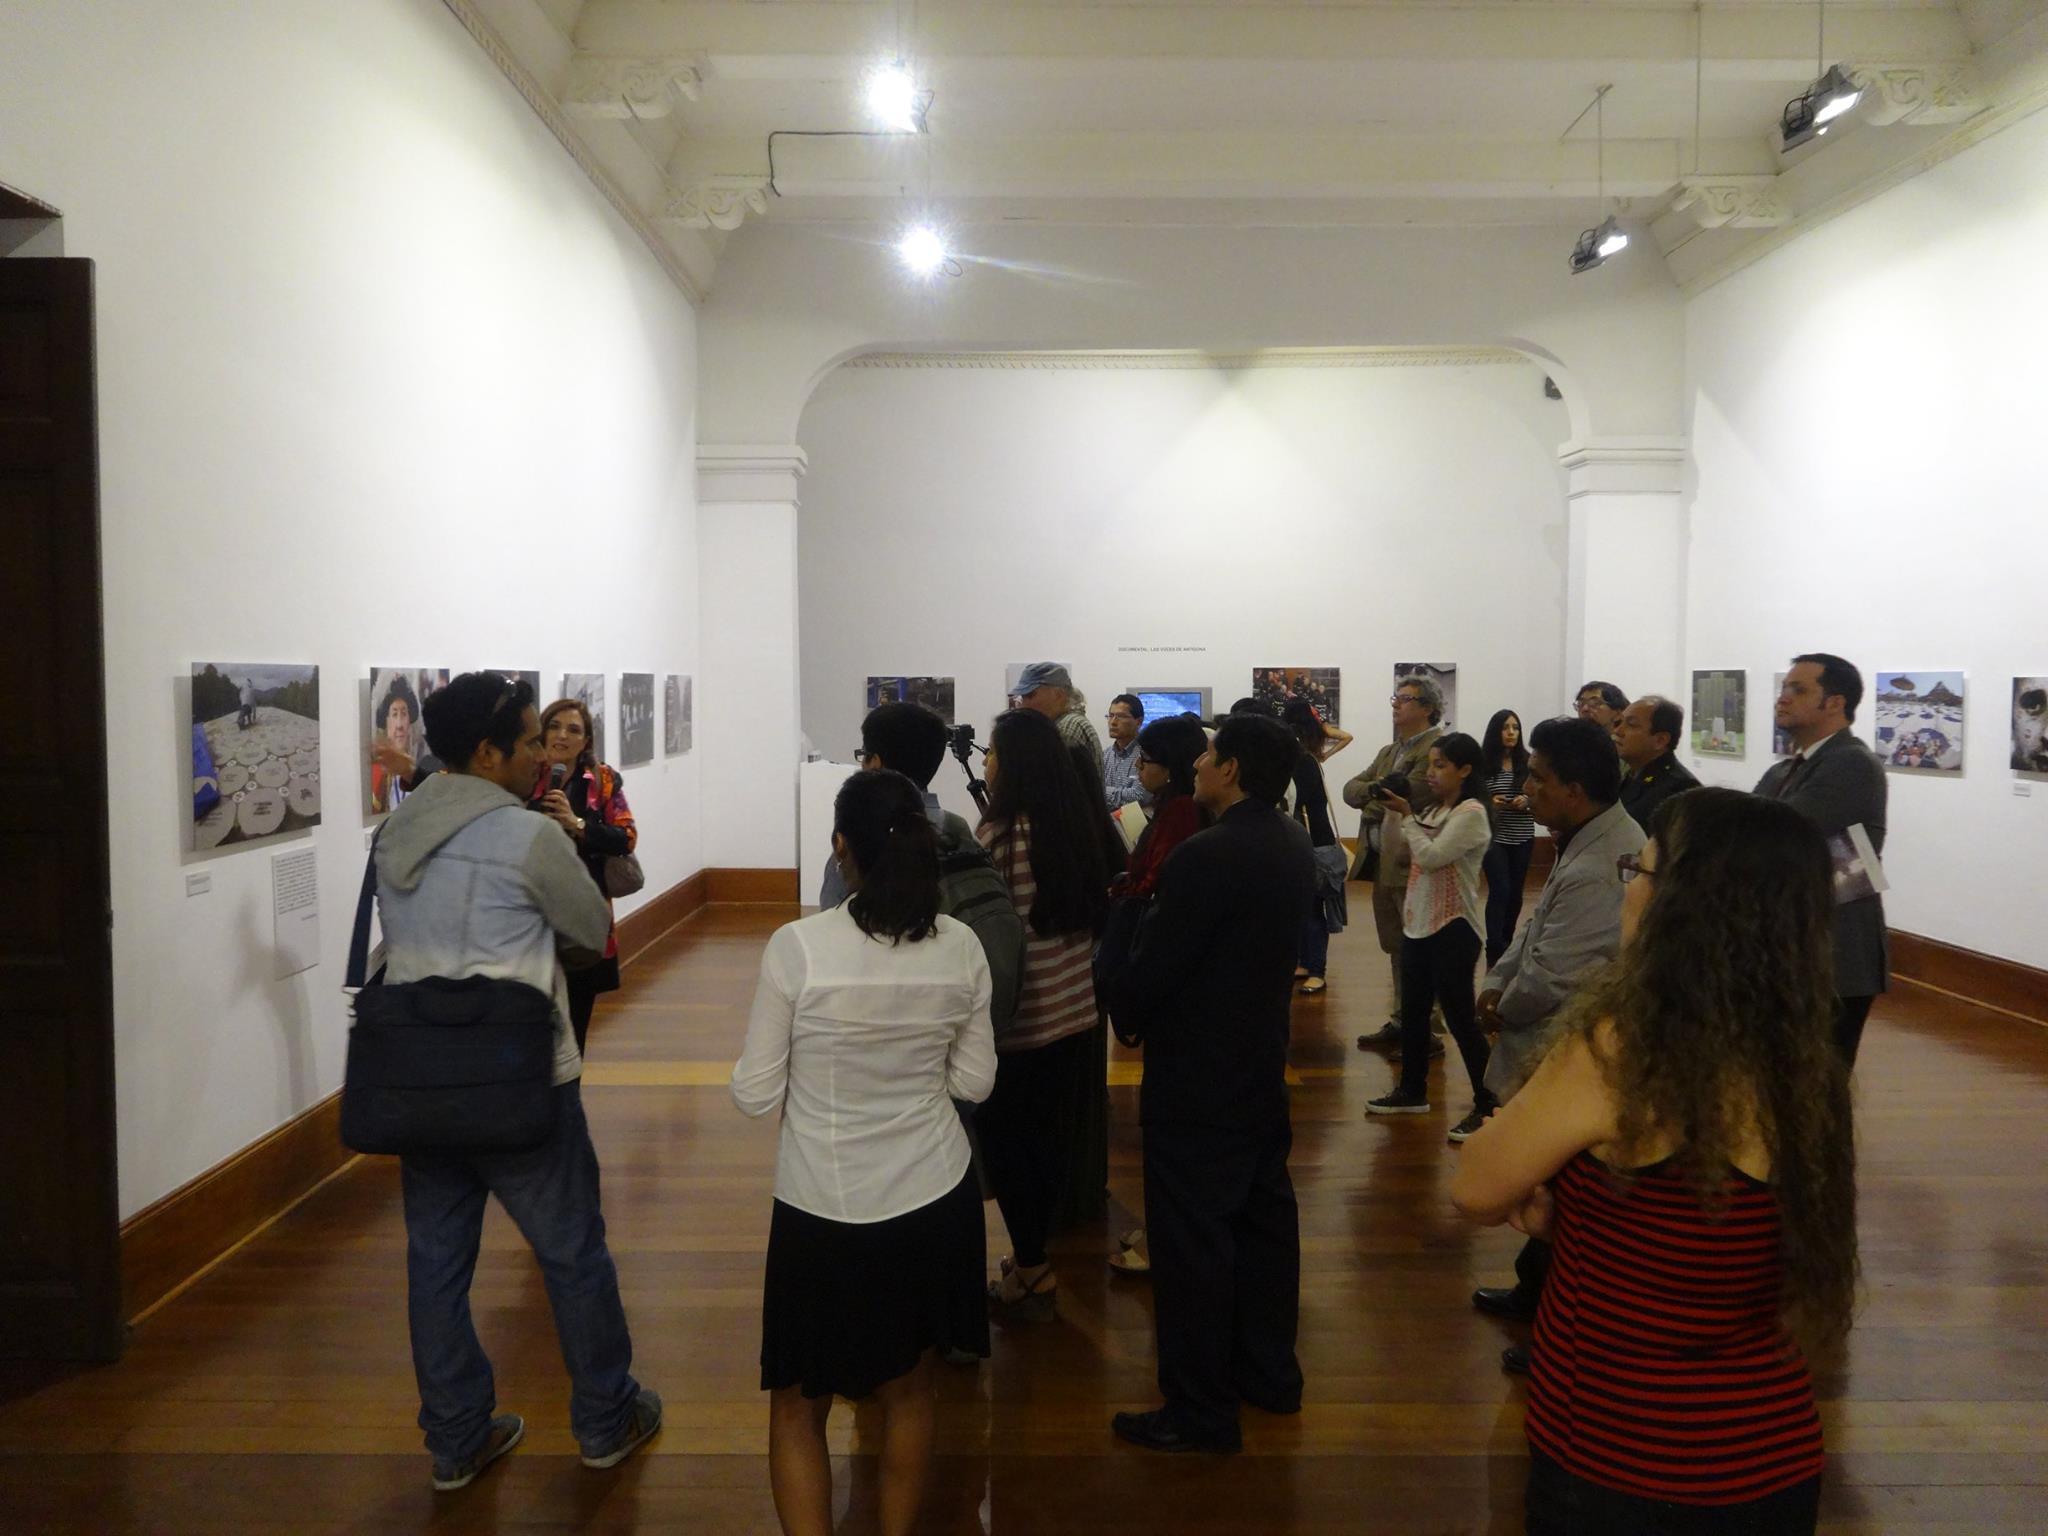 Cristina Cuesta, Patricia Julia Campos Olazaba, Rectora de la USAT y Agata Serrano, también de la USAT.